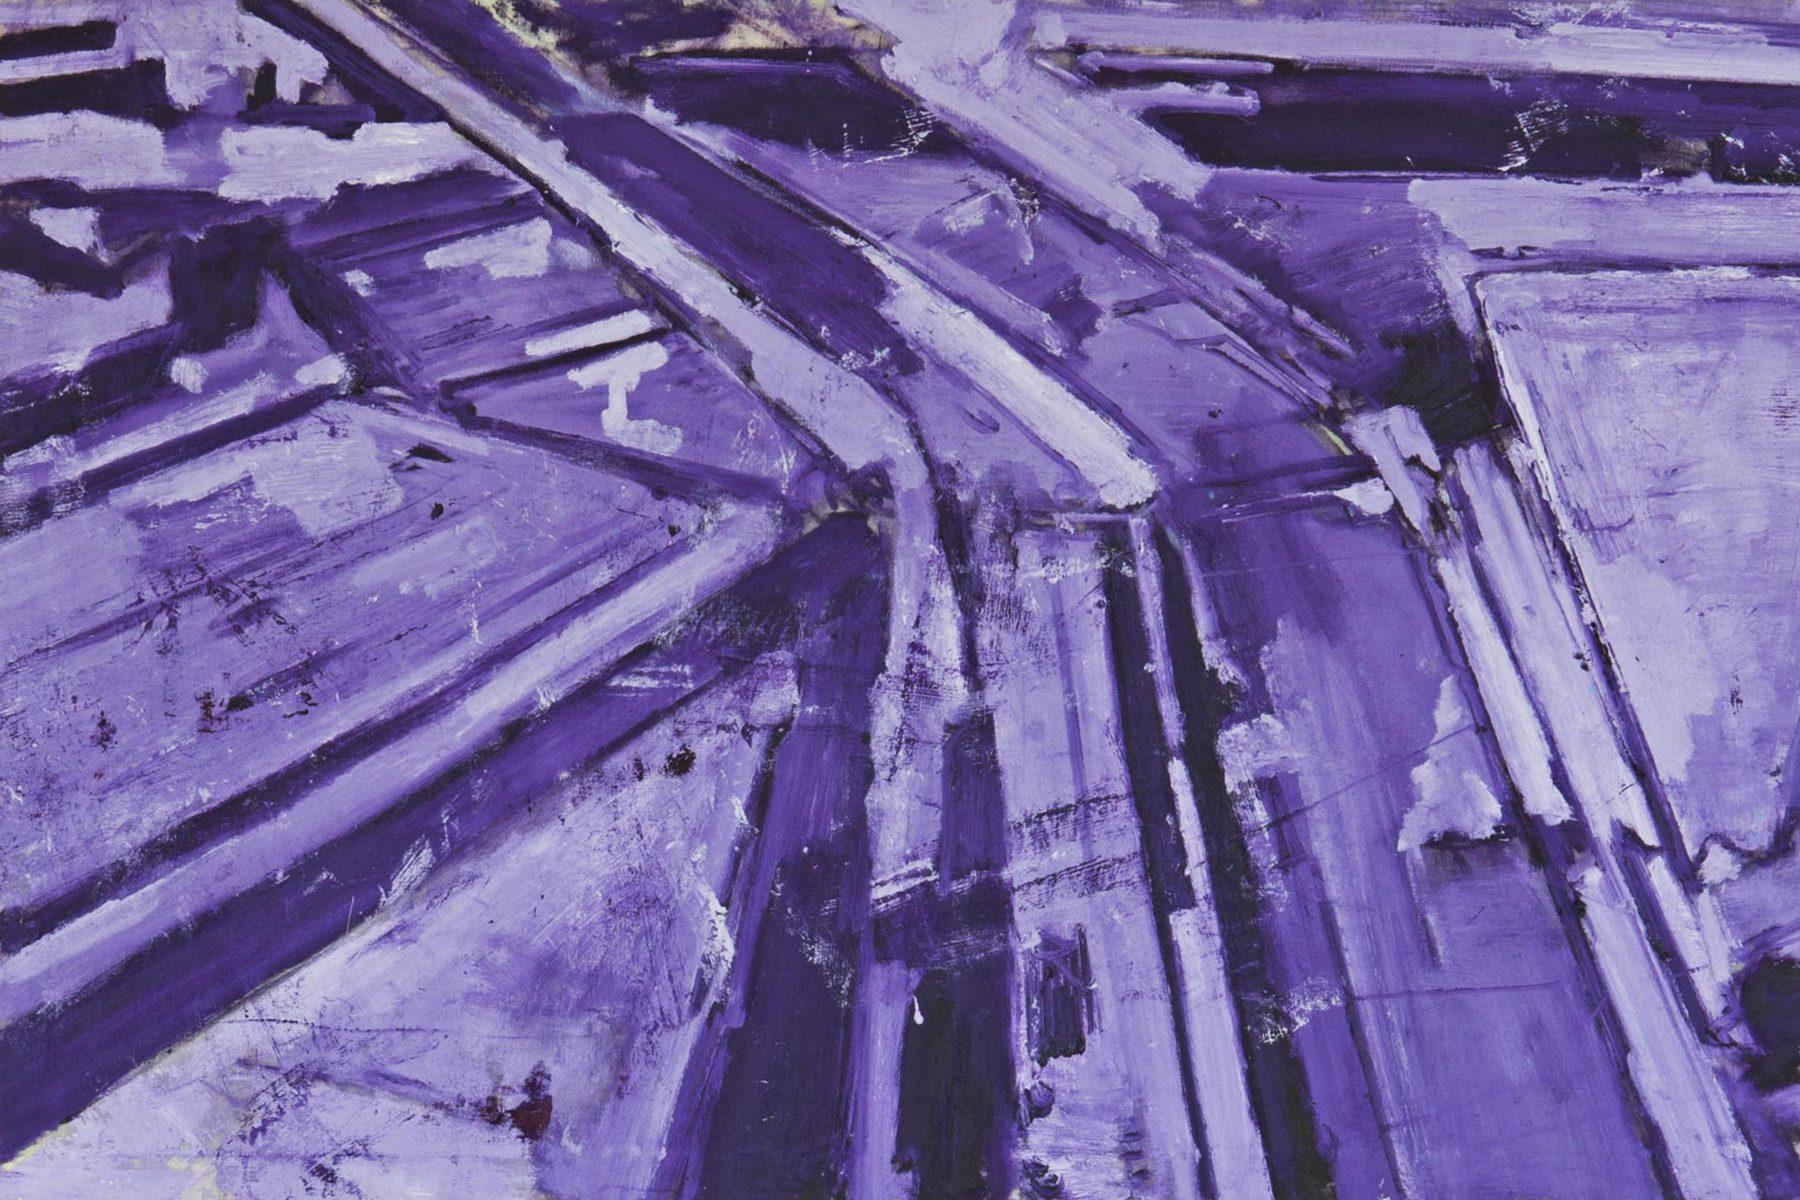 G.Frangi, Mappe, 2012, tecnica mista su tela, presso Villa Morosini, ph.a.frangi 06